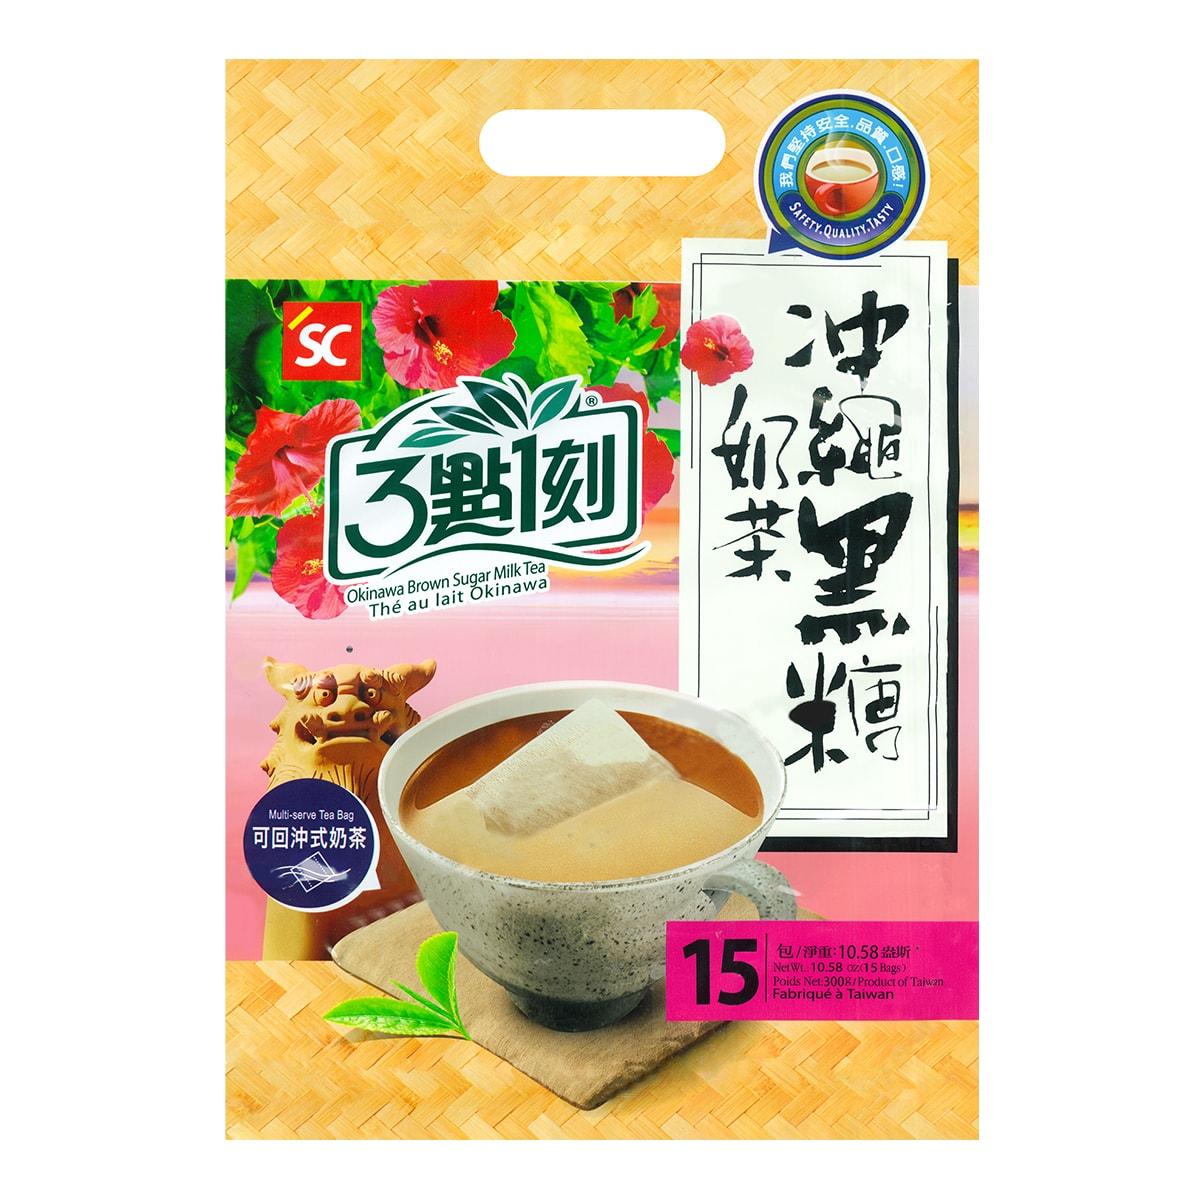 3:15PM Okinawa Brown Sugar Milk Tea 15Bags